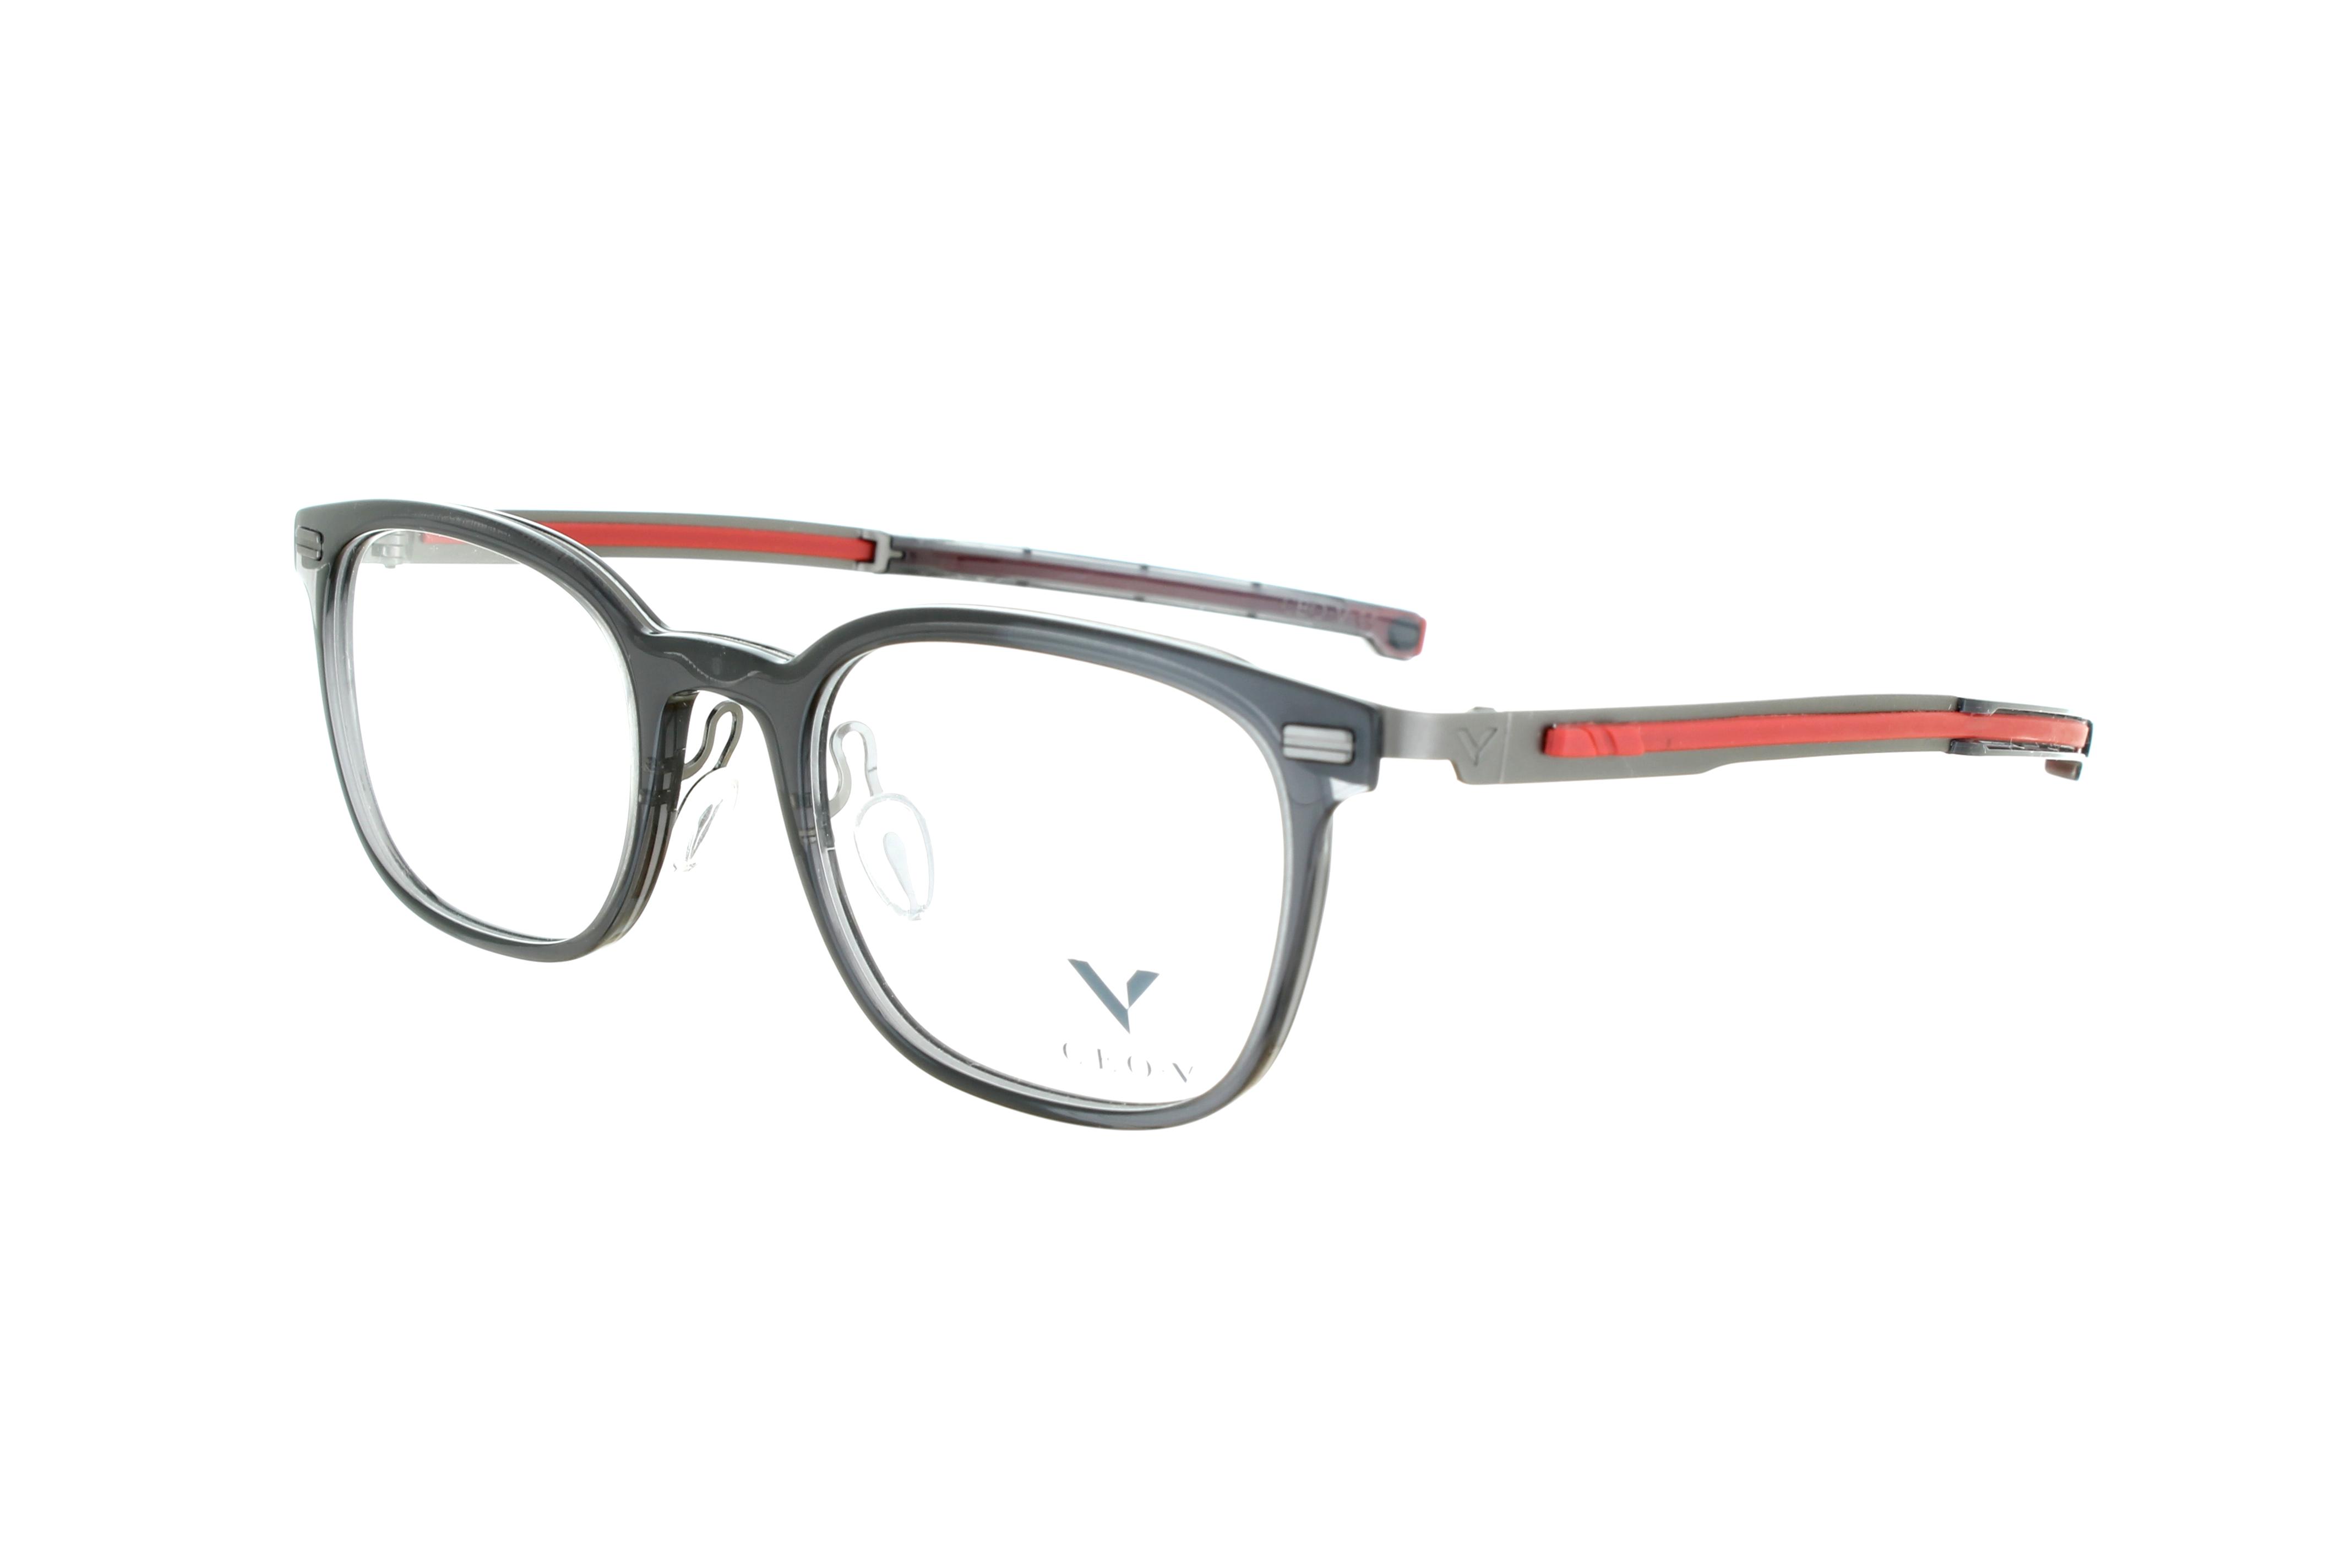 CEO-V - CV 710 GRY T15-26S 49-22-135 szemüvegkeretek fced4df1e4